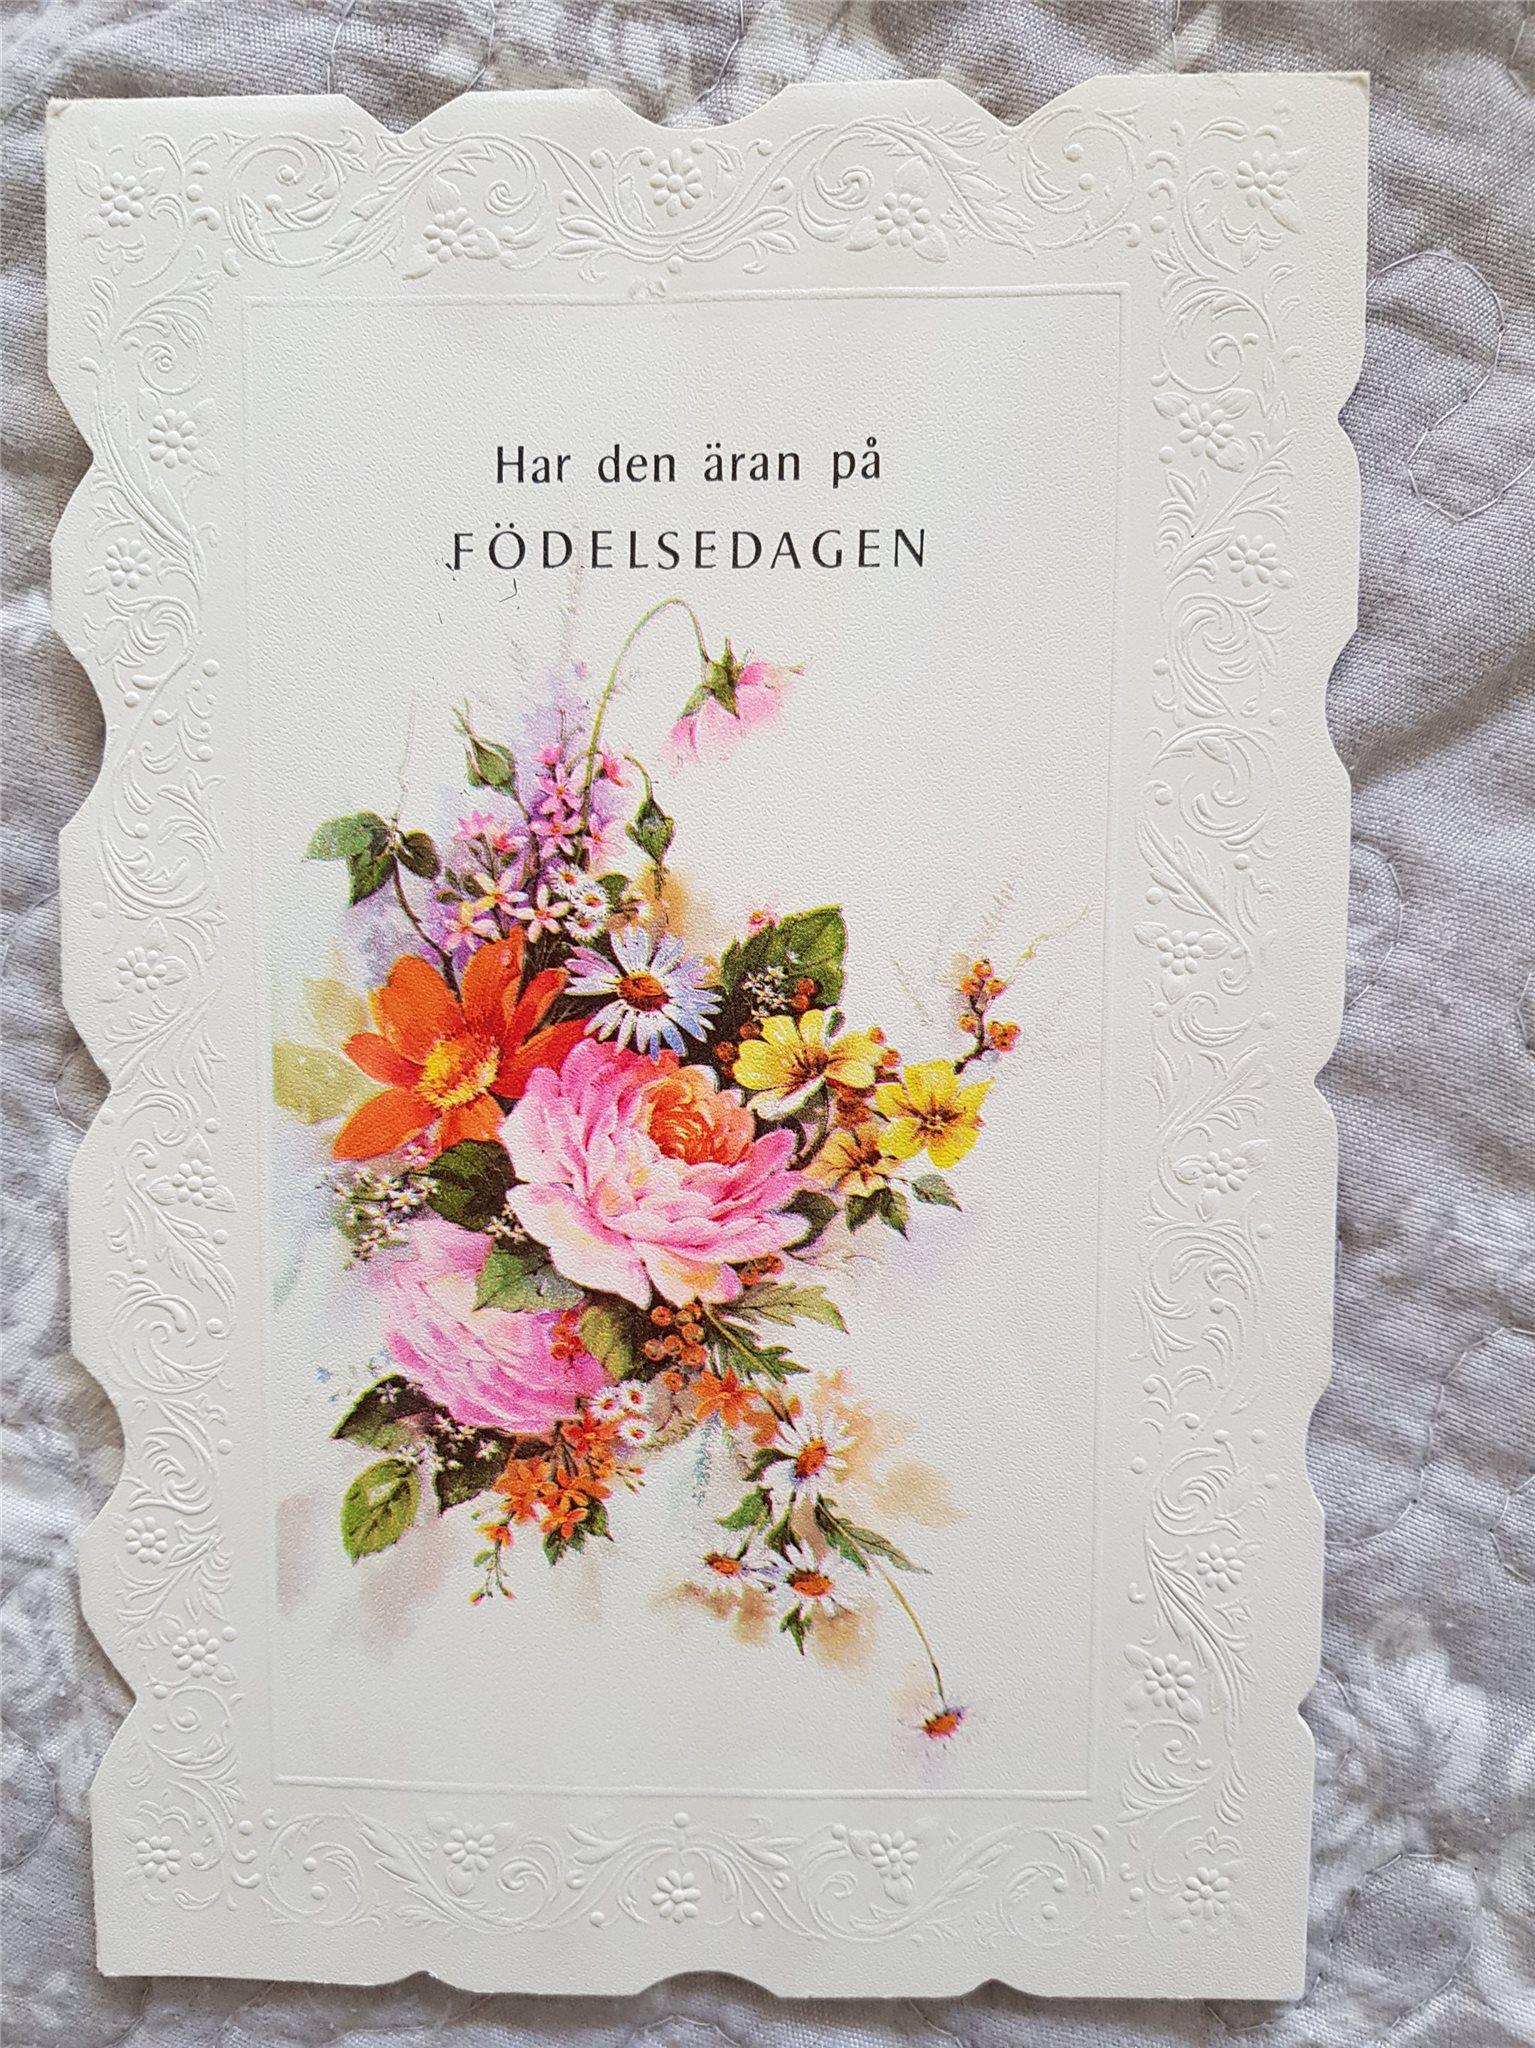 vackra födelsedagskort Vackert födelsedagskort, retro (312116250) ᐈ Köp på Tradera vackra födelsedagskort